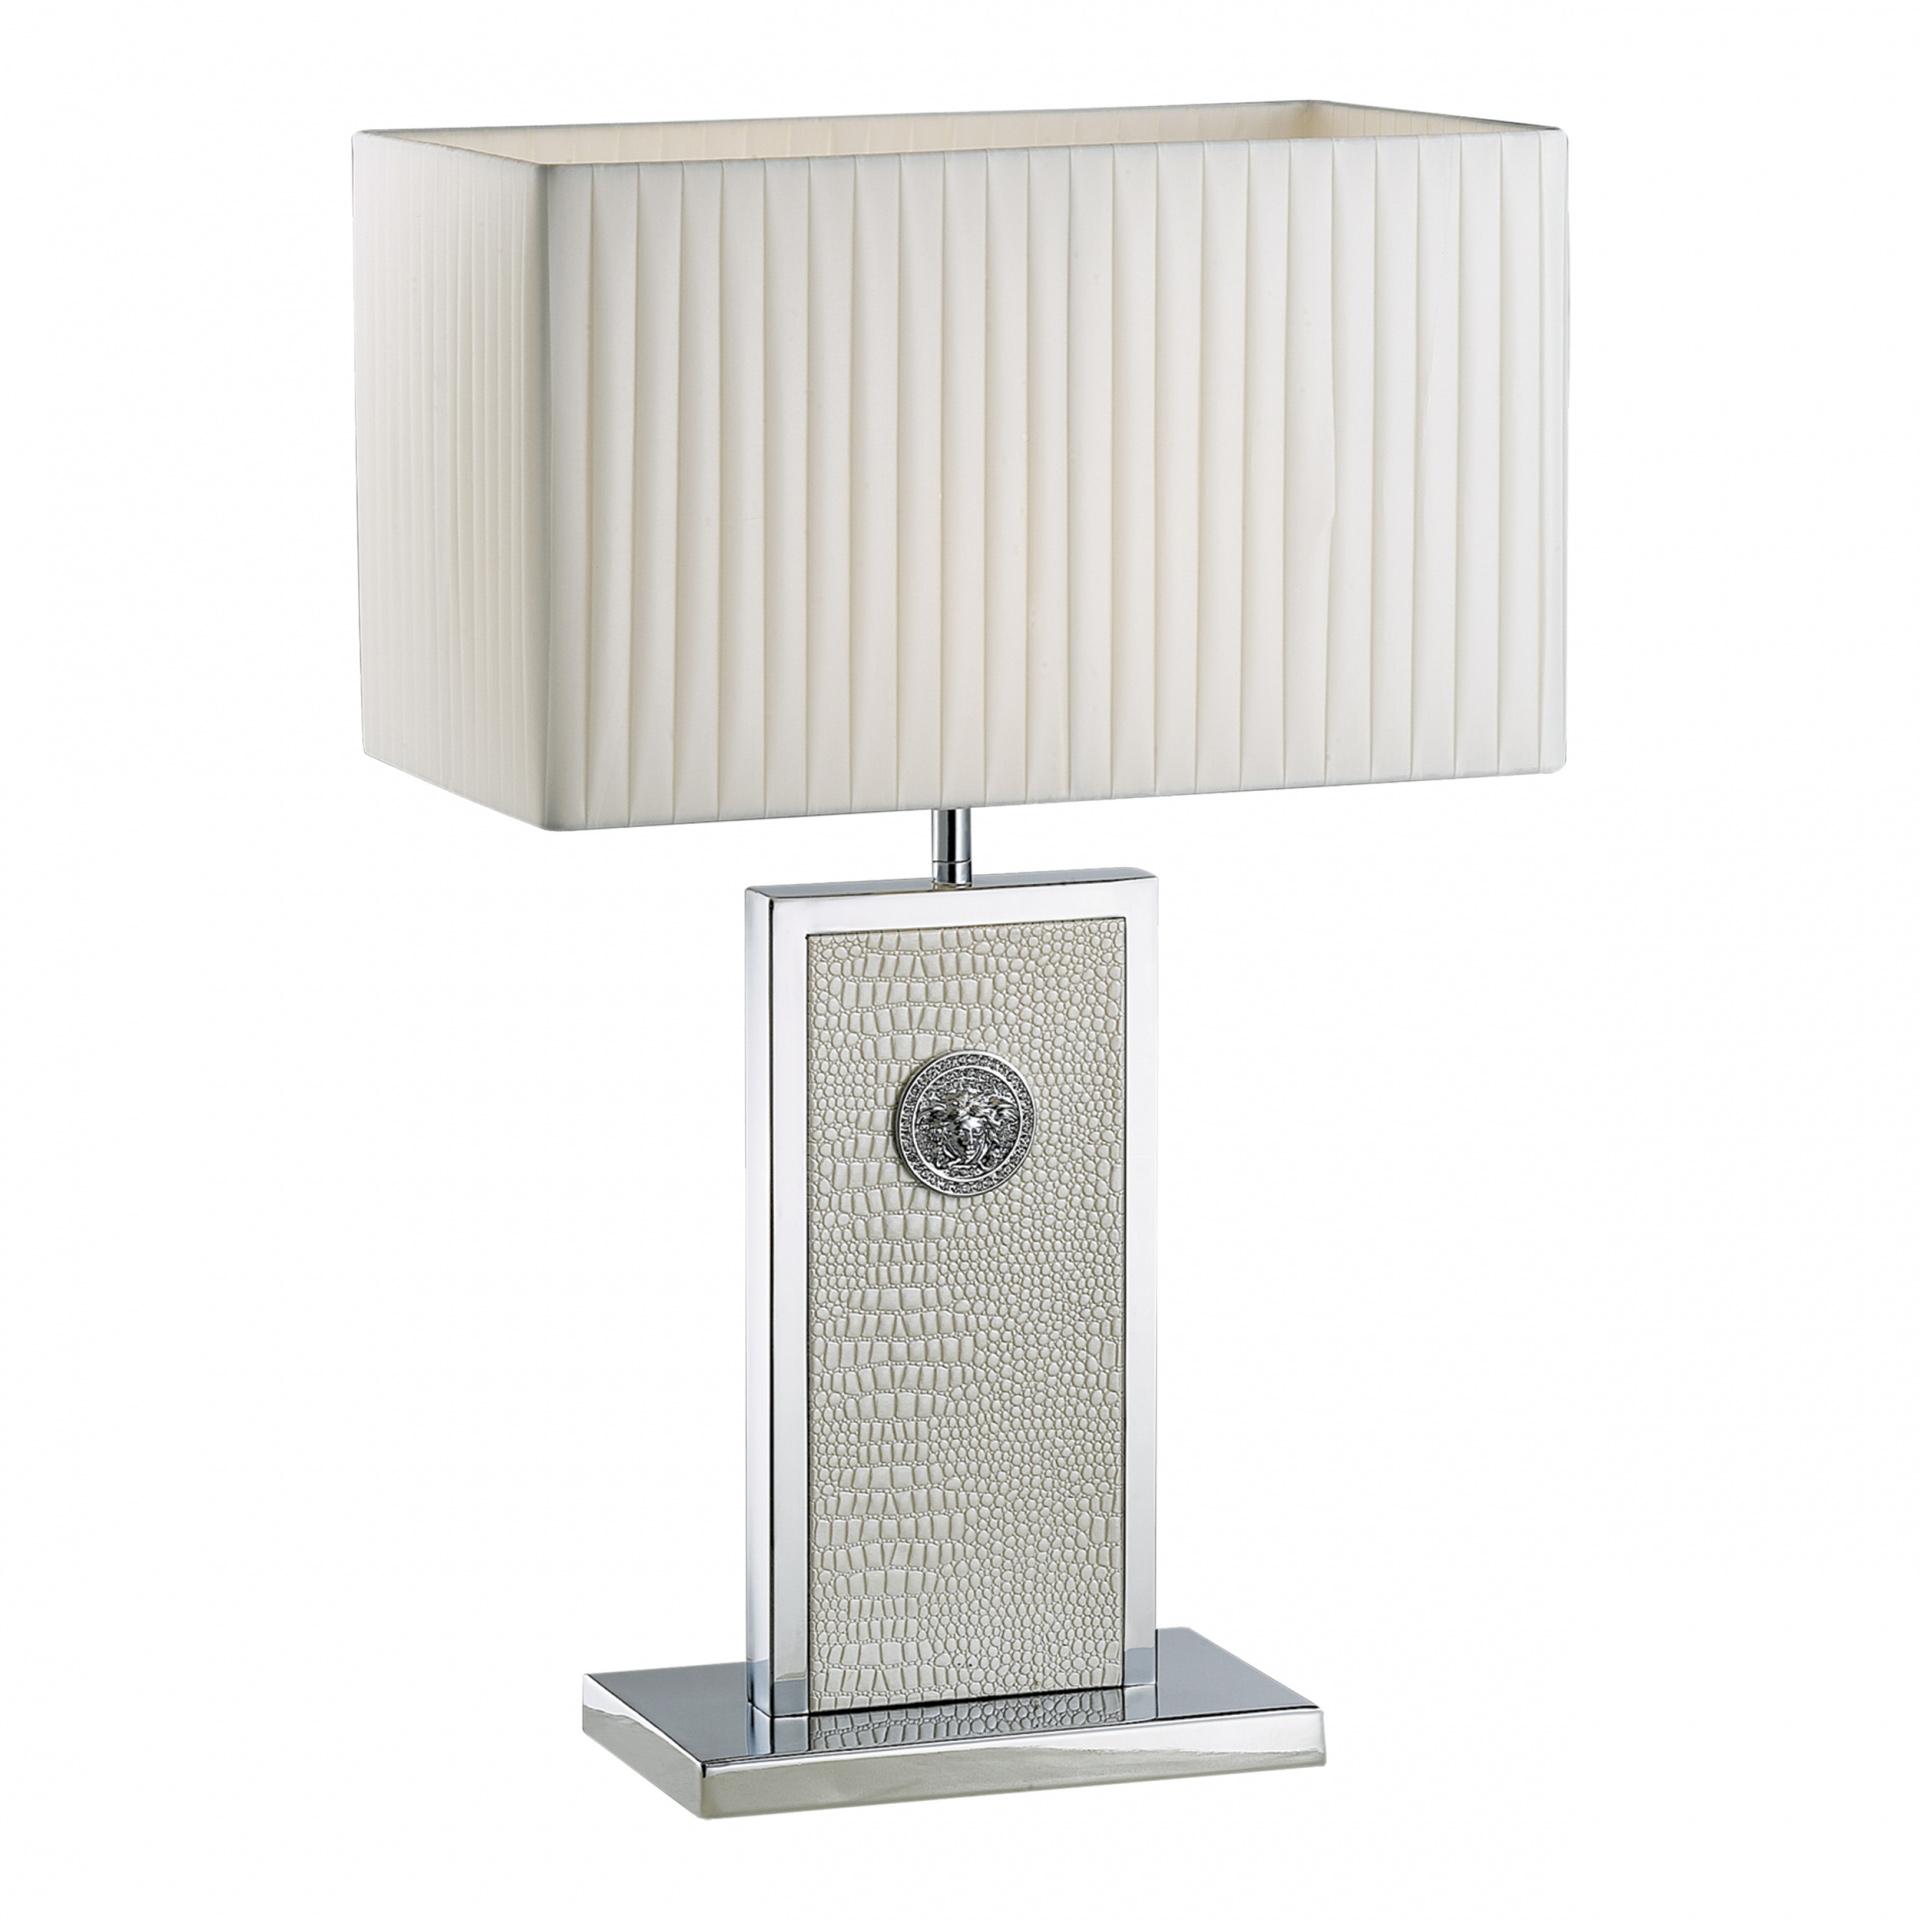 Настольная лампа Faraone 1х60W E27 кожа / белый / хром Lightstar 870936, купить в СПб, Москве, с доставкой, Санкт-Петербург, интернет-магазин люстр и светильников Starlight, фото в жизни